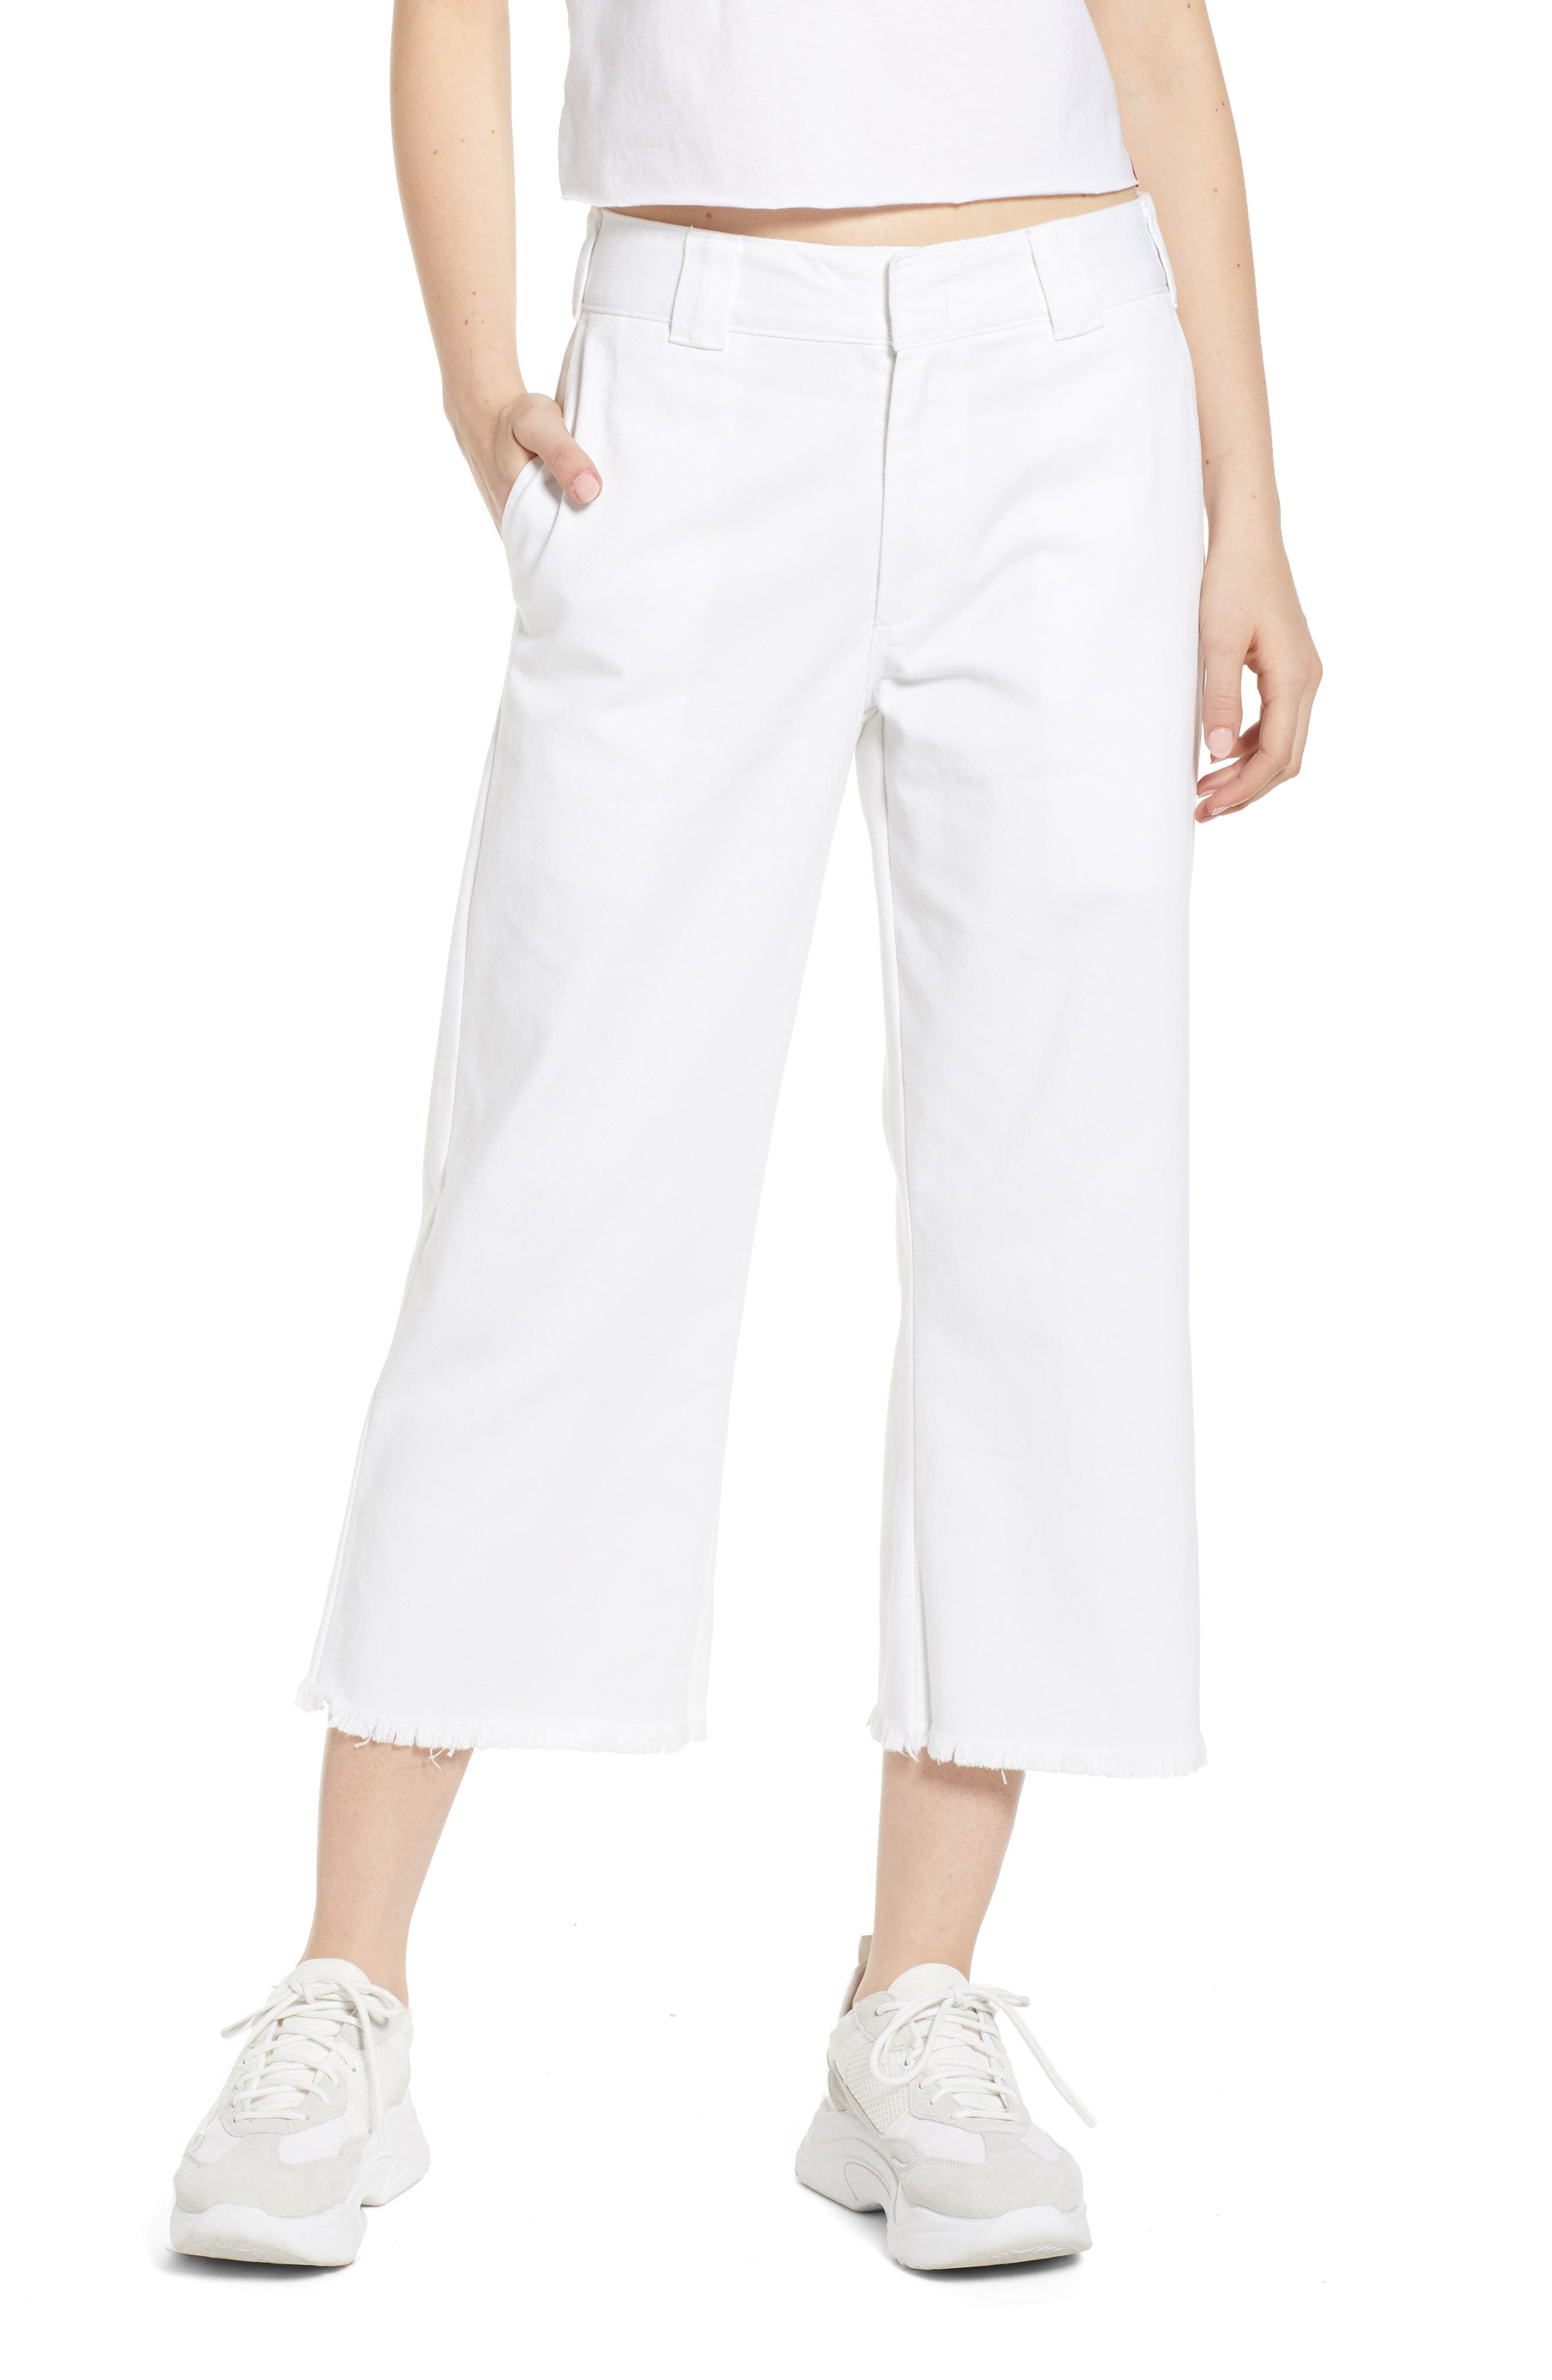 DICKIES Fray Hem Crop Work Pants, Main, color, WHITE